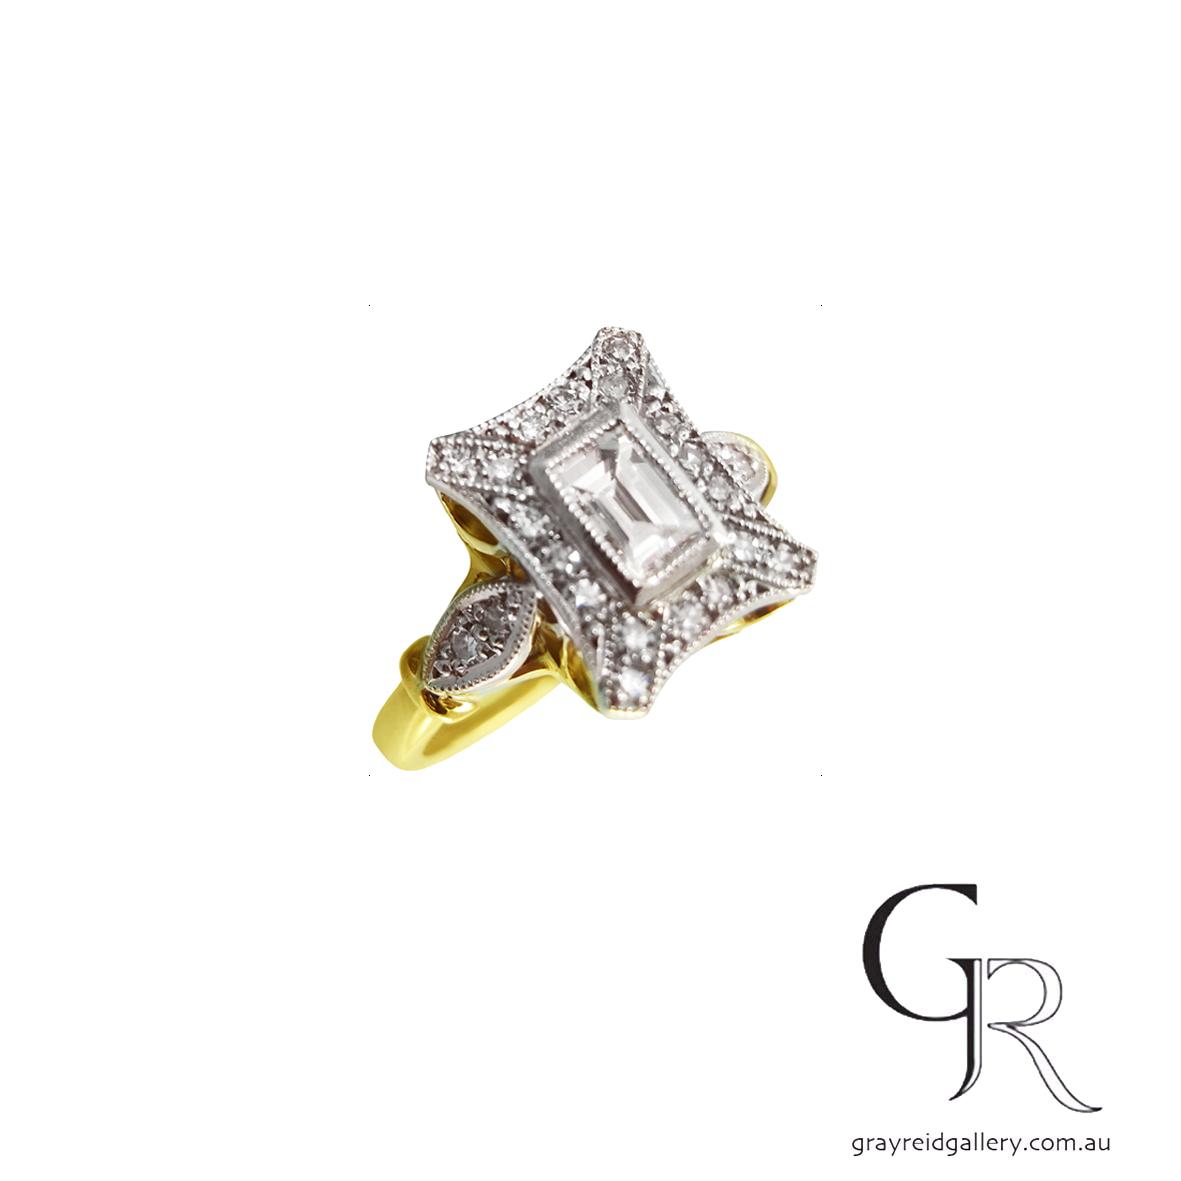 Engagement rings melbourne gray reid gallery 11.jpg